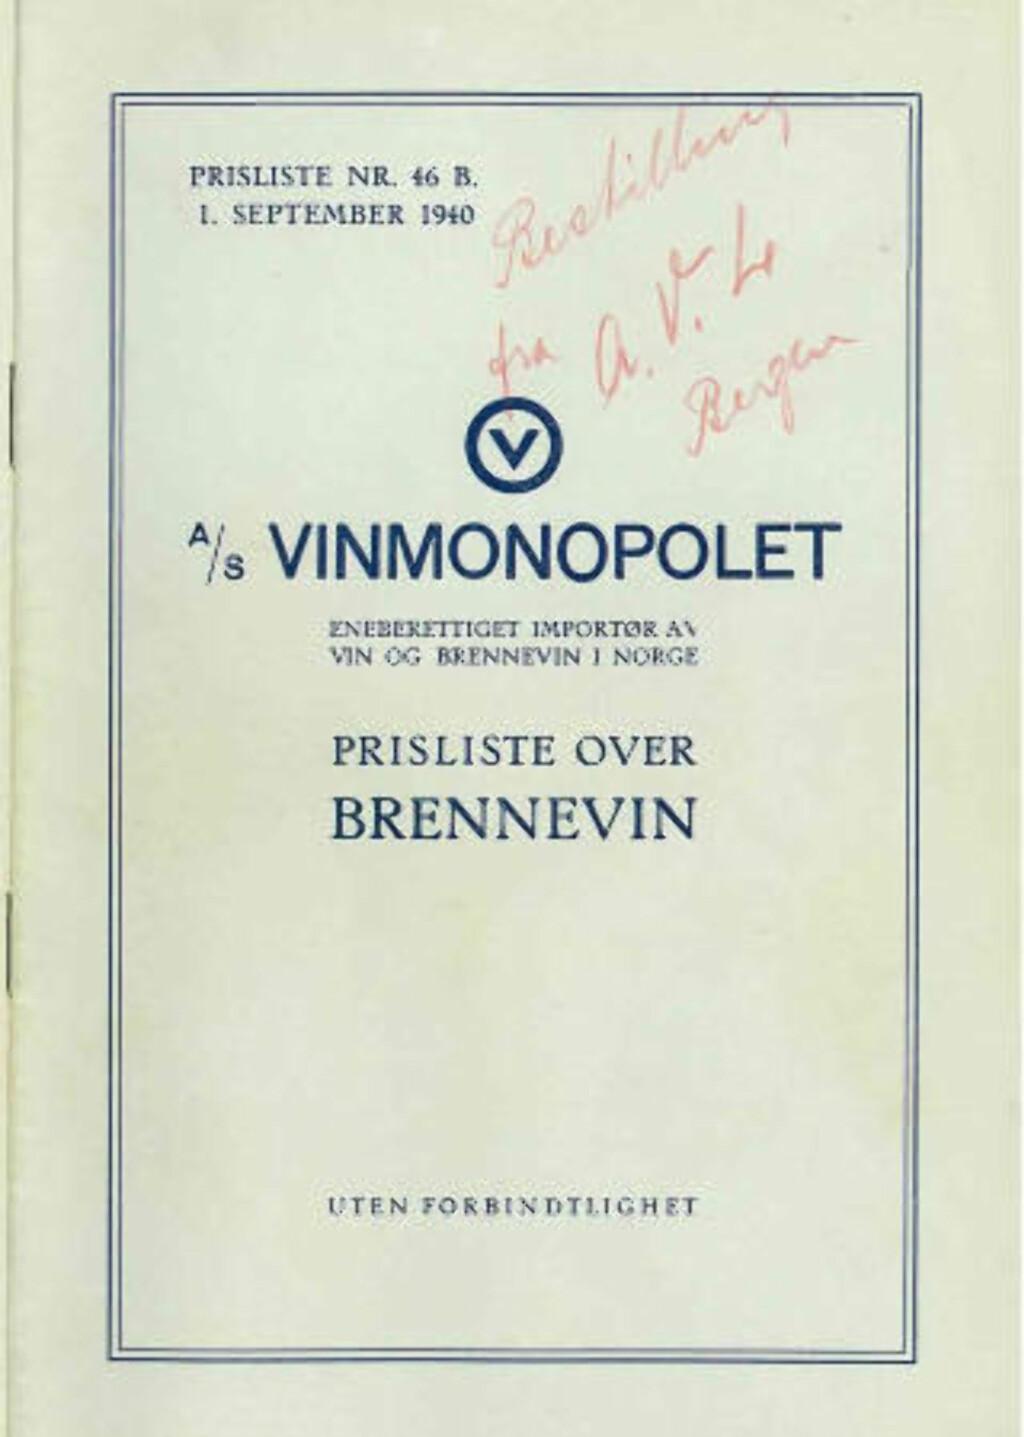 TROSSET RASJONERINGEN: Det ble innført strenge rasjoneringskrav i Norge under krigen. De gjaldt ikke okkupasjonsmakten. Denne prislisten fra Vinmonopolet i 1940 viser tyskernes bestilling på 50 000 liter vin og brennevin.